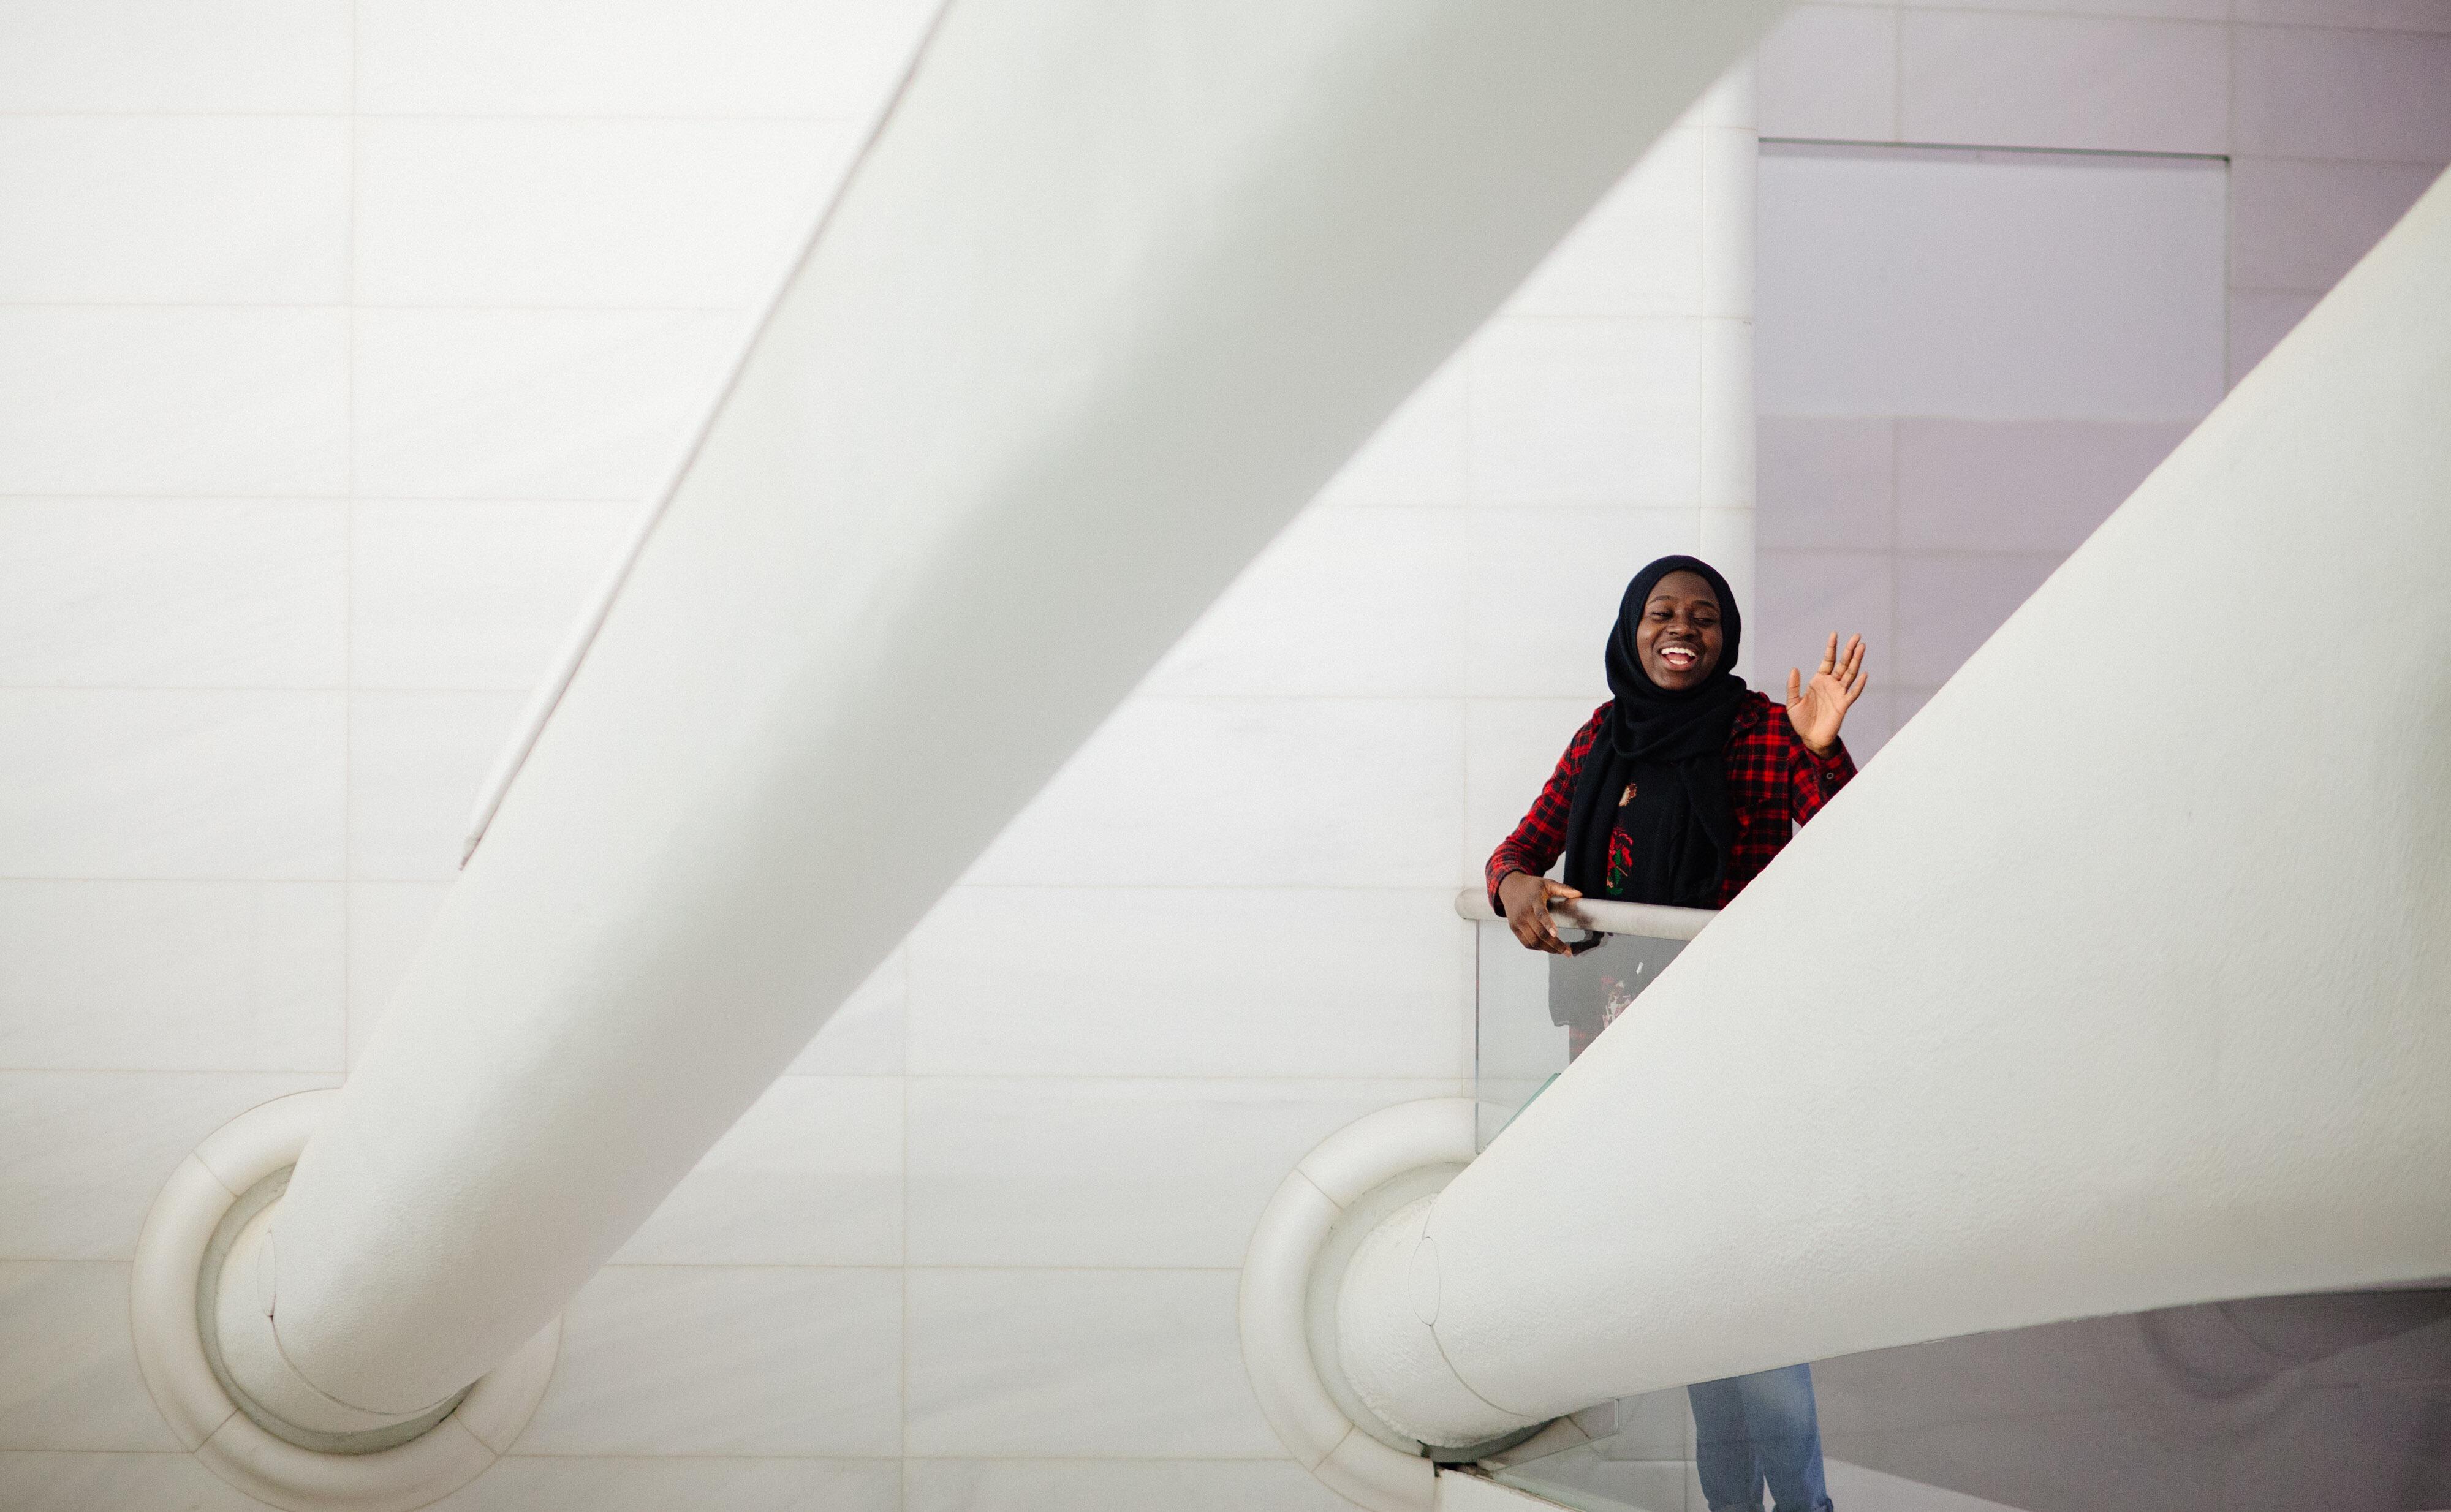 NYU Junior Mariyamou Drammeh waves to the camera. Photo by Emilio Madrid-Kuser